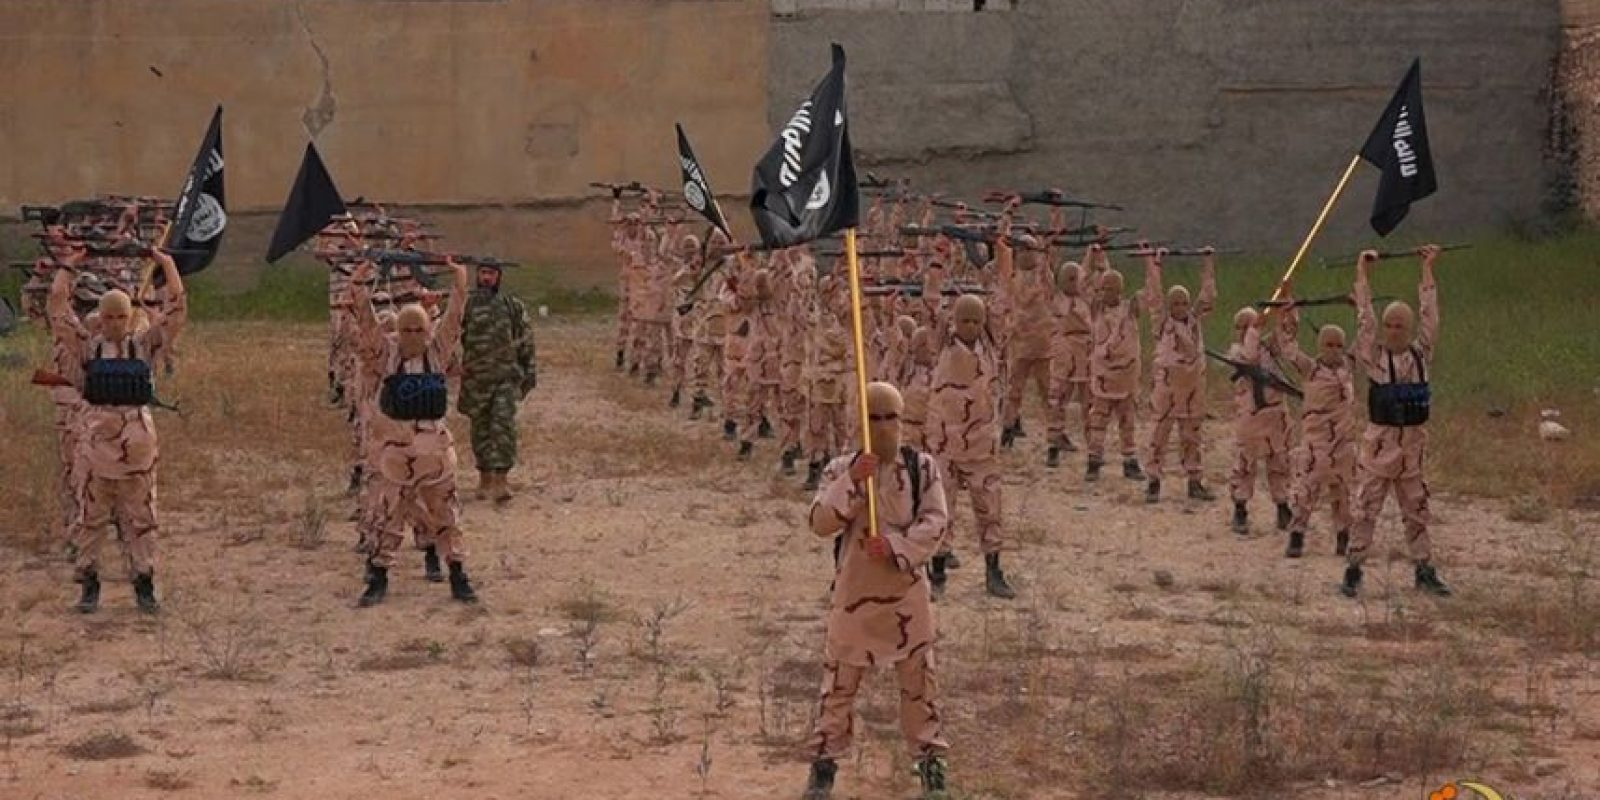 El grupo es controlado por radicales fieles a Abu Bakr al-Baghdadi, autoproclamado califa de los musulmanes Foto:AP